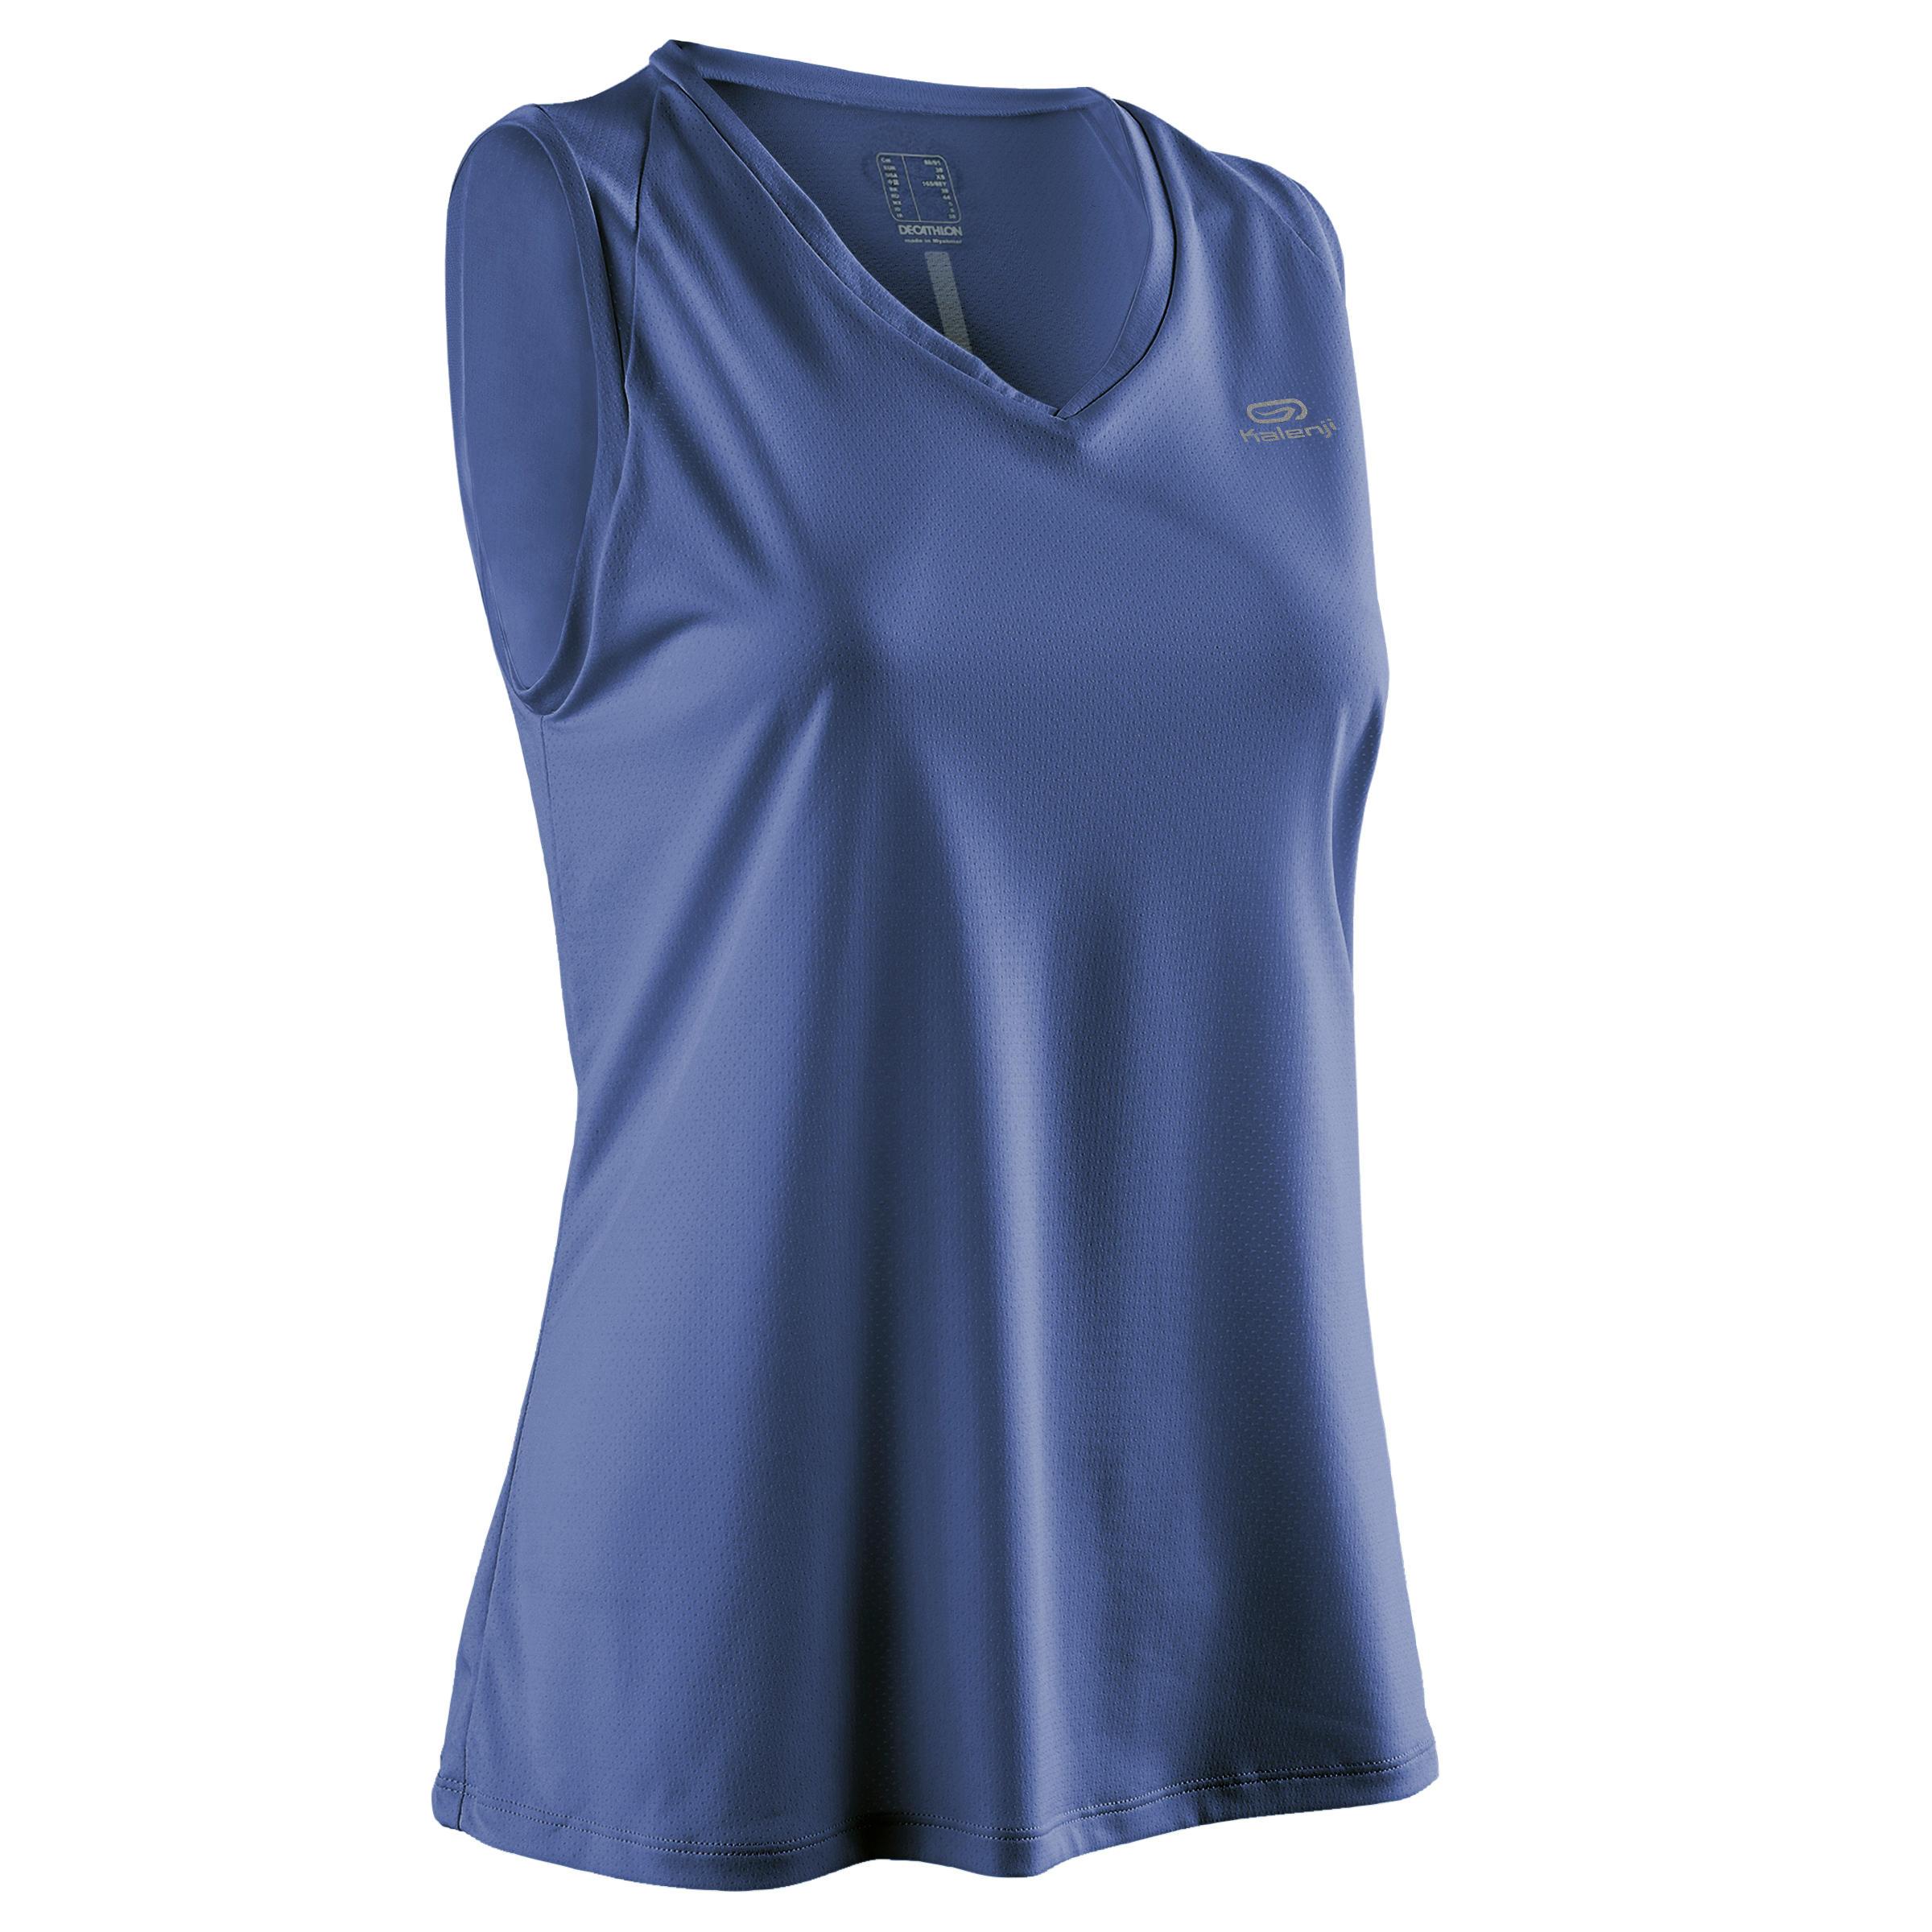 6801af79f8 Comprar Camisetas de Running para Mujer   Decathlon